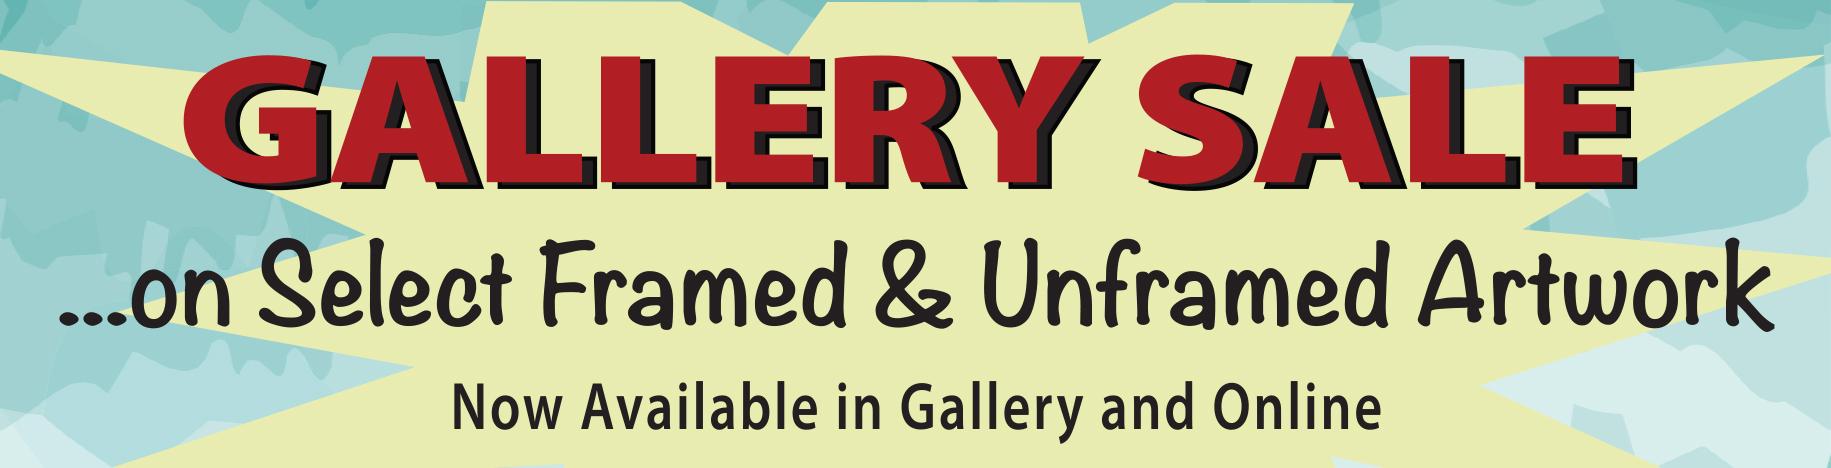 sale-banner-for-website-2.jpg